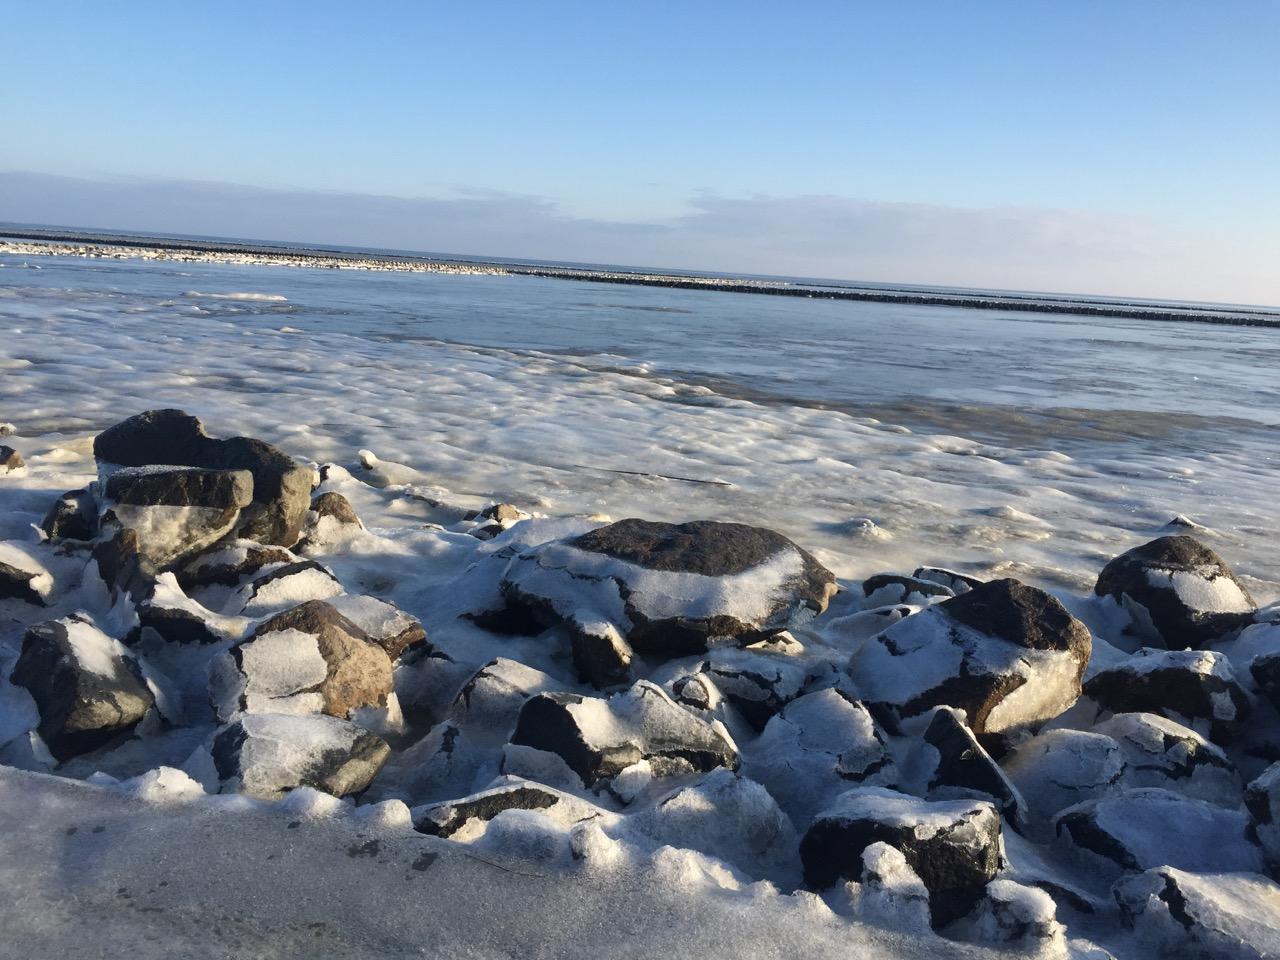 Die Schminktante verreist nach Sylt und bricht mit allen Klischees. Urlaub an der Nordsee.